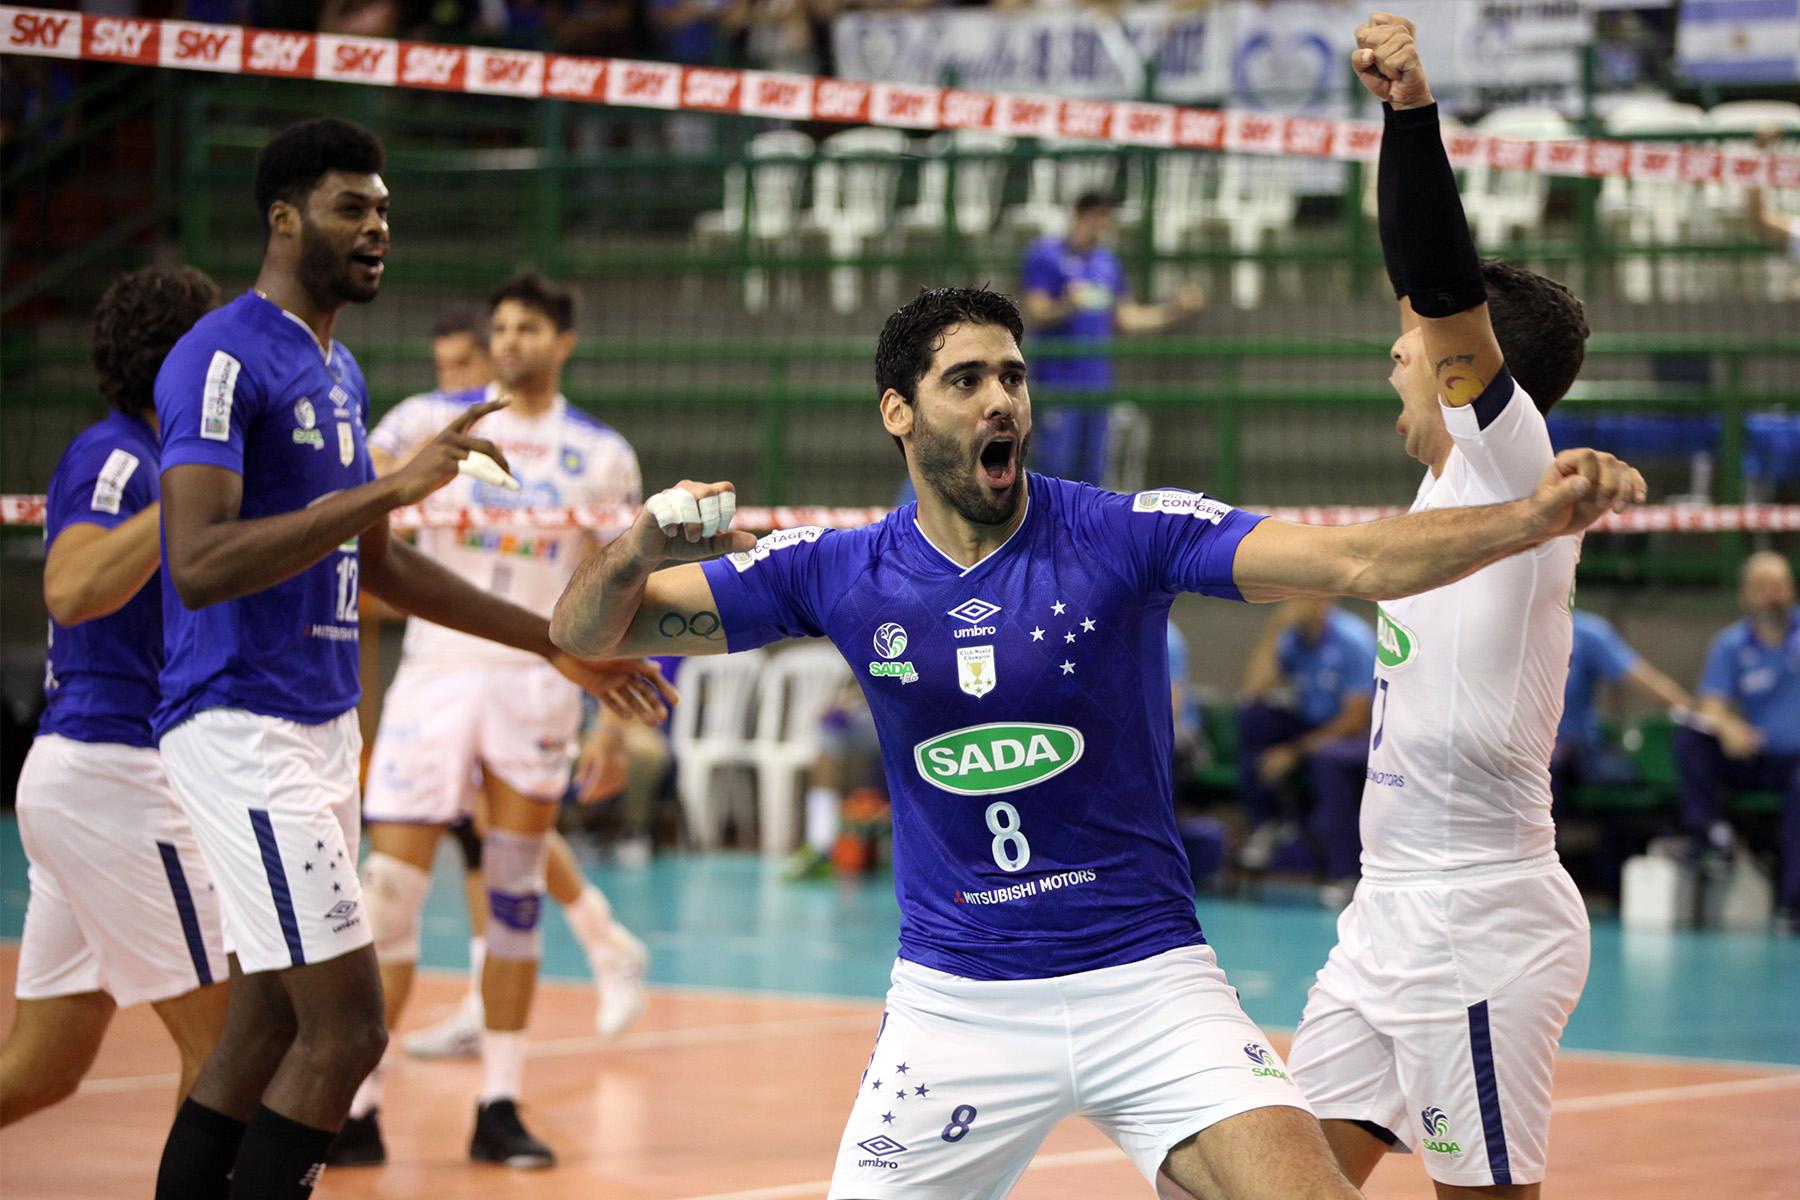 Evandro comemora ponto na vitória do Sada Cruzeiro (Créditos  Renato Araújo Sada  Cruzeiro) b5f28ae6335f8